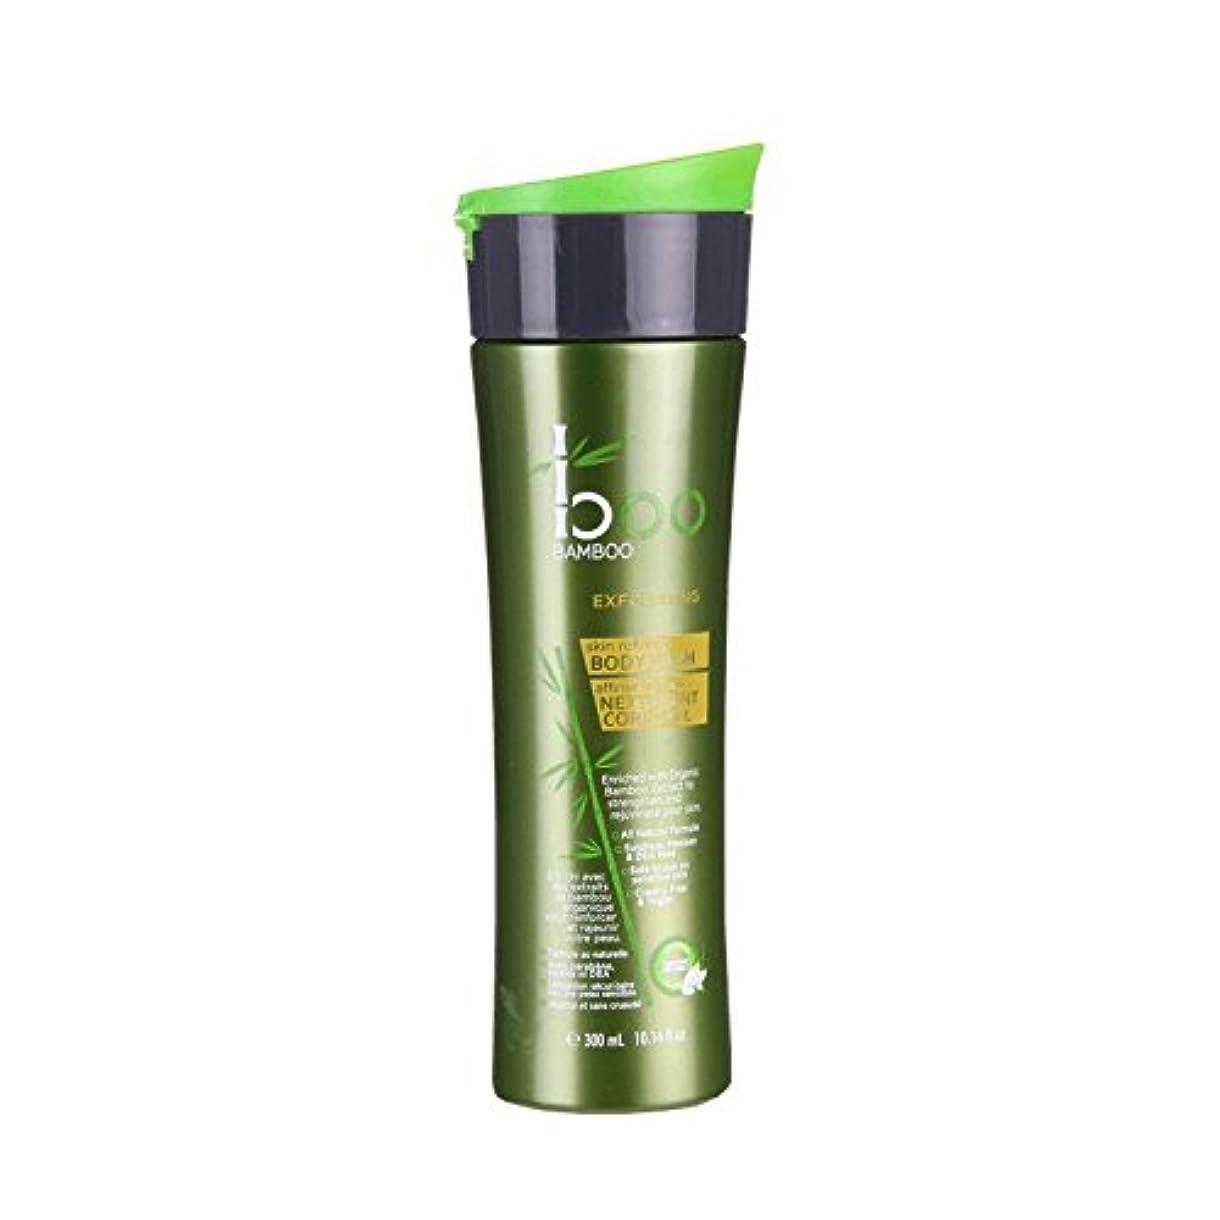 勇気のある豊富宙返りBoo Bamboo Exfoliating Body Wash 300ml (Pack of 2) - 竹ピーリングボディウォッシュ300ミリリットルブーイング (x2) [並行輸入品]